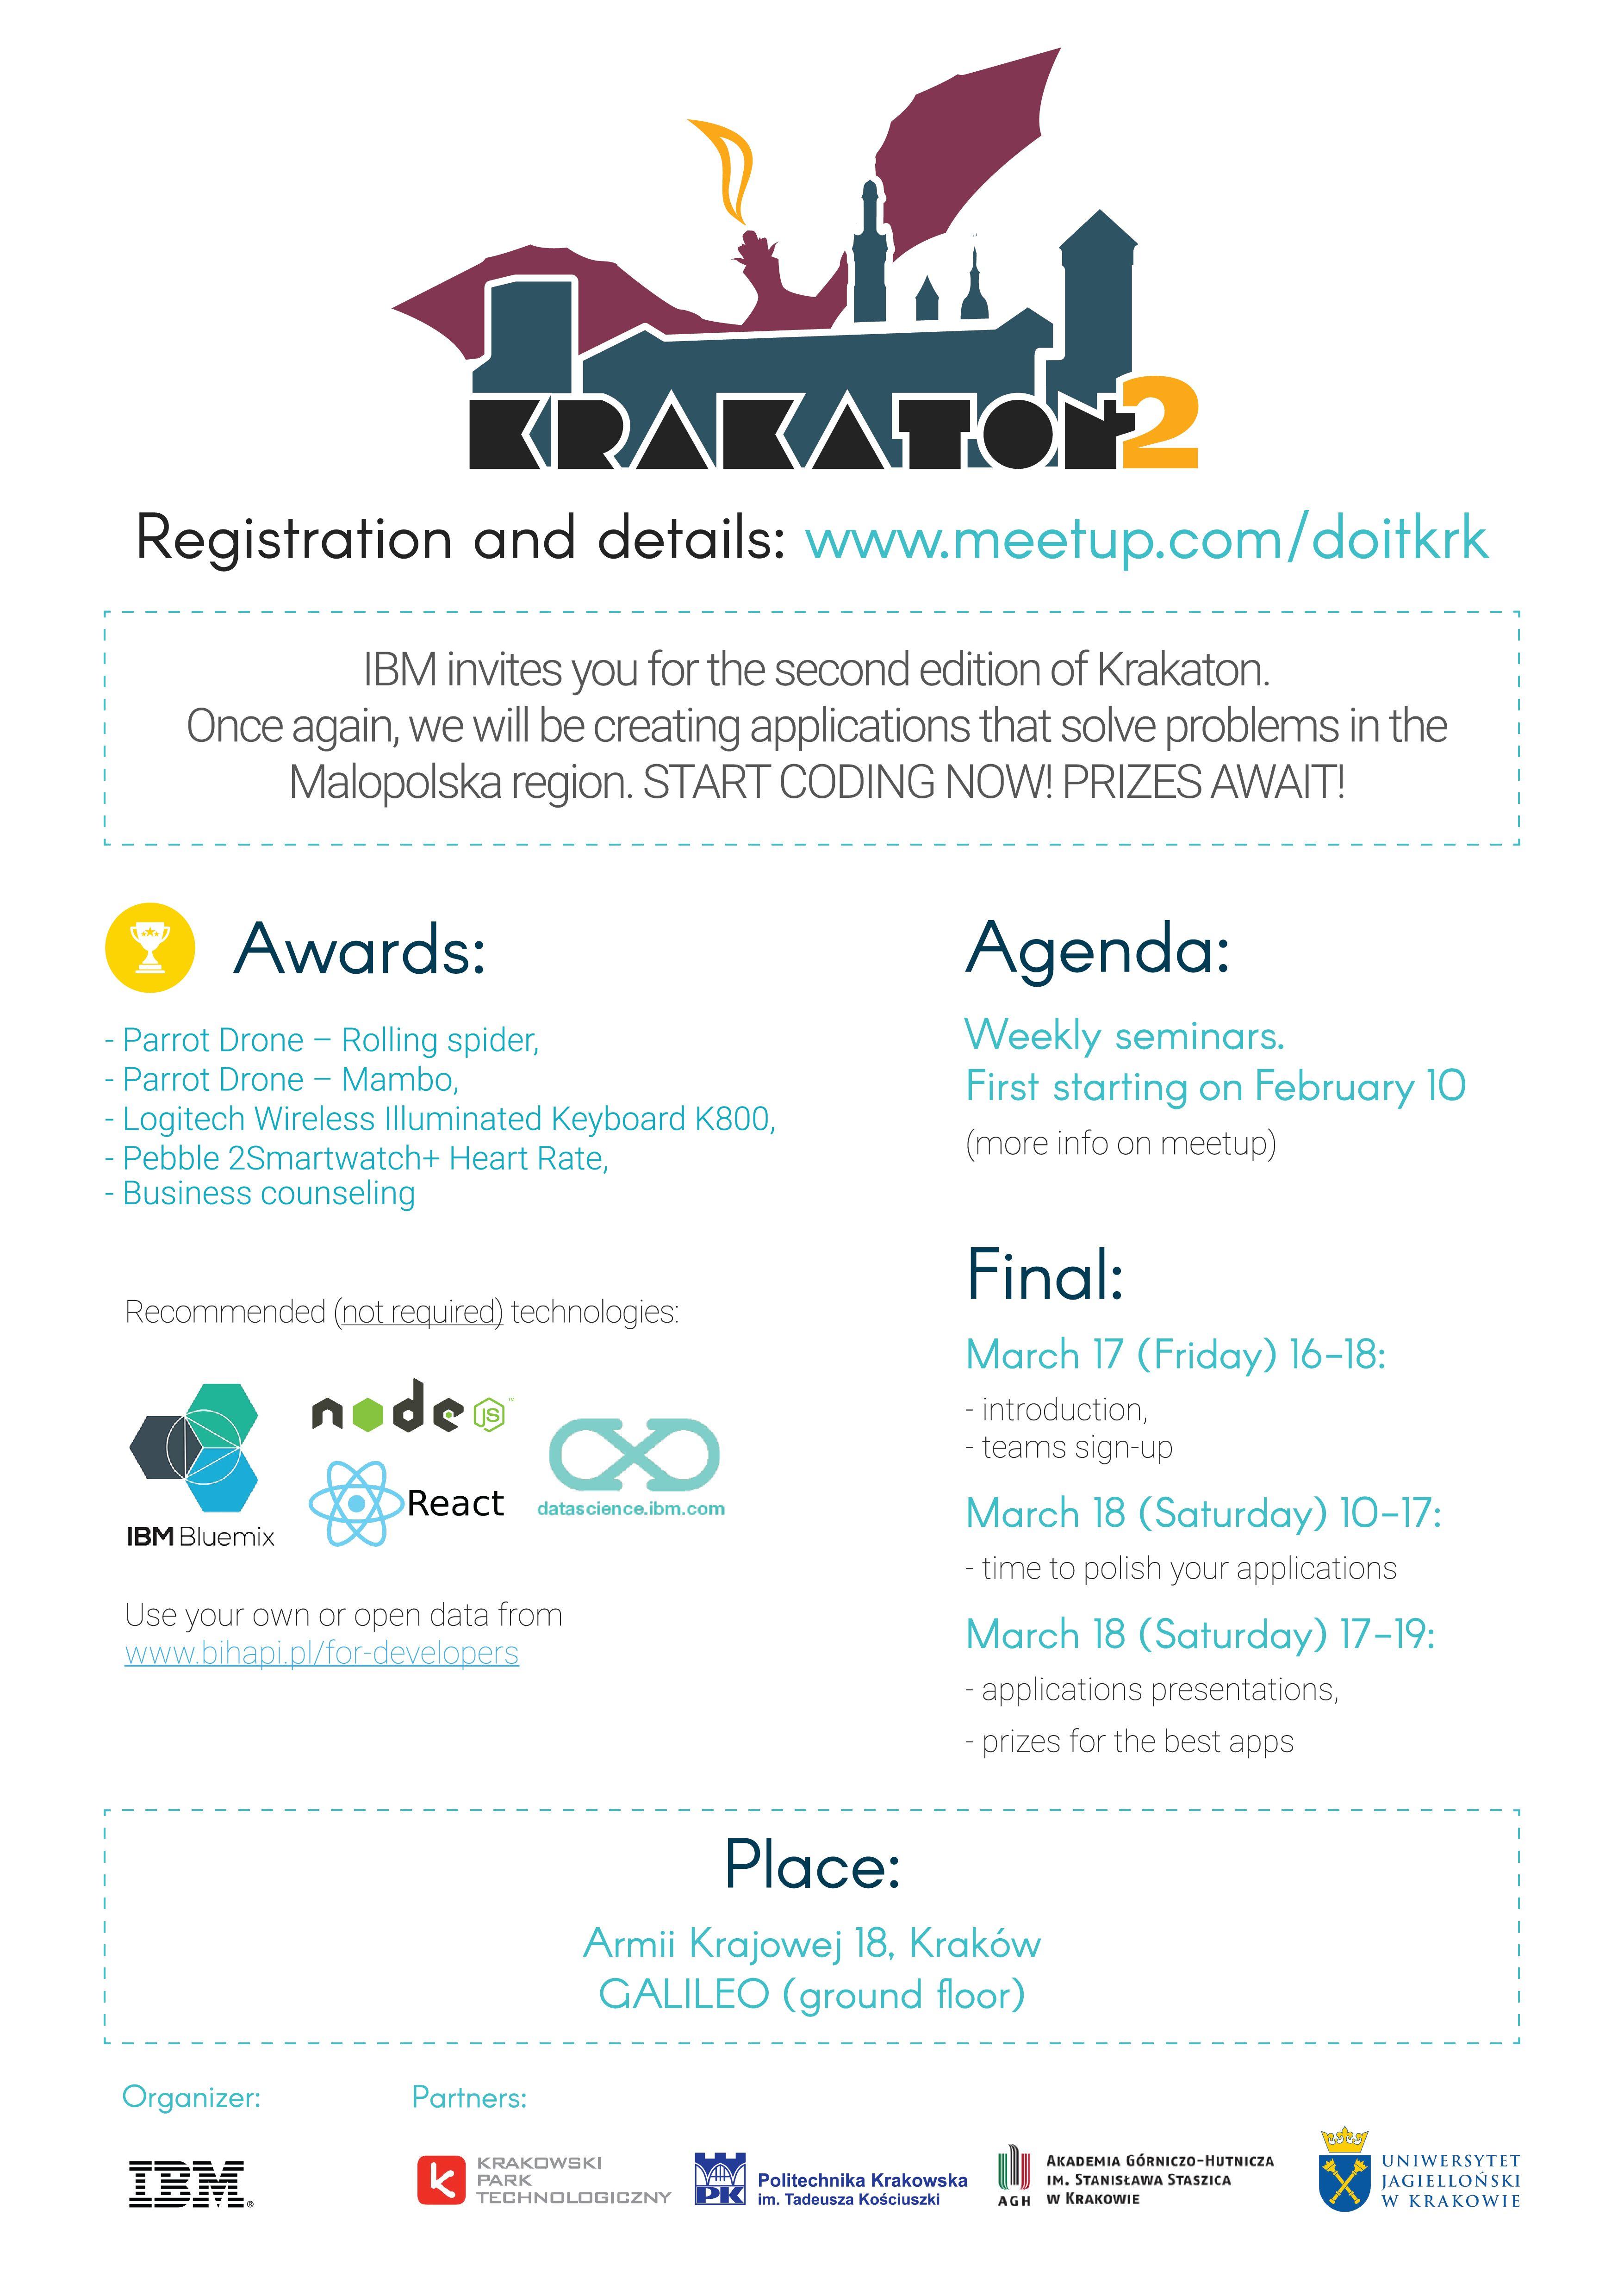 miniatura IBM Polska zaprasza na konkurs Krakaton2